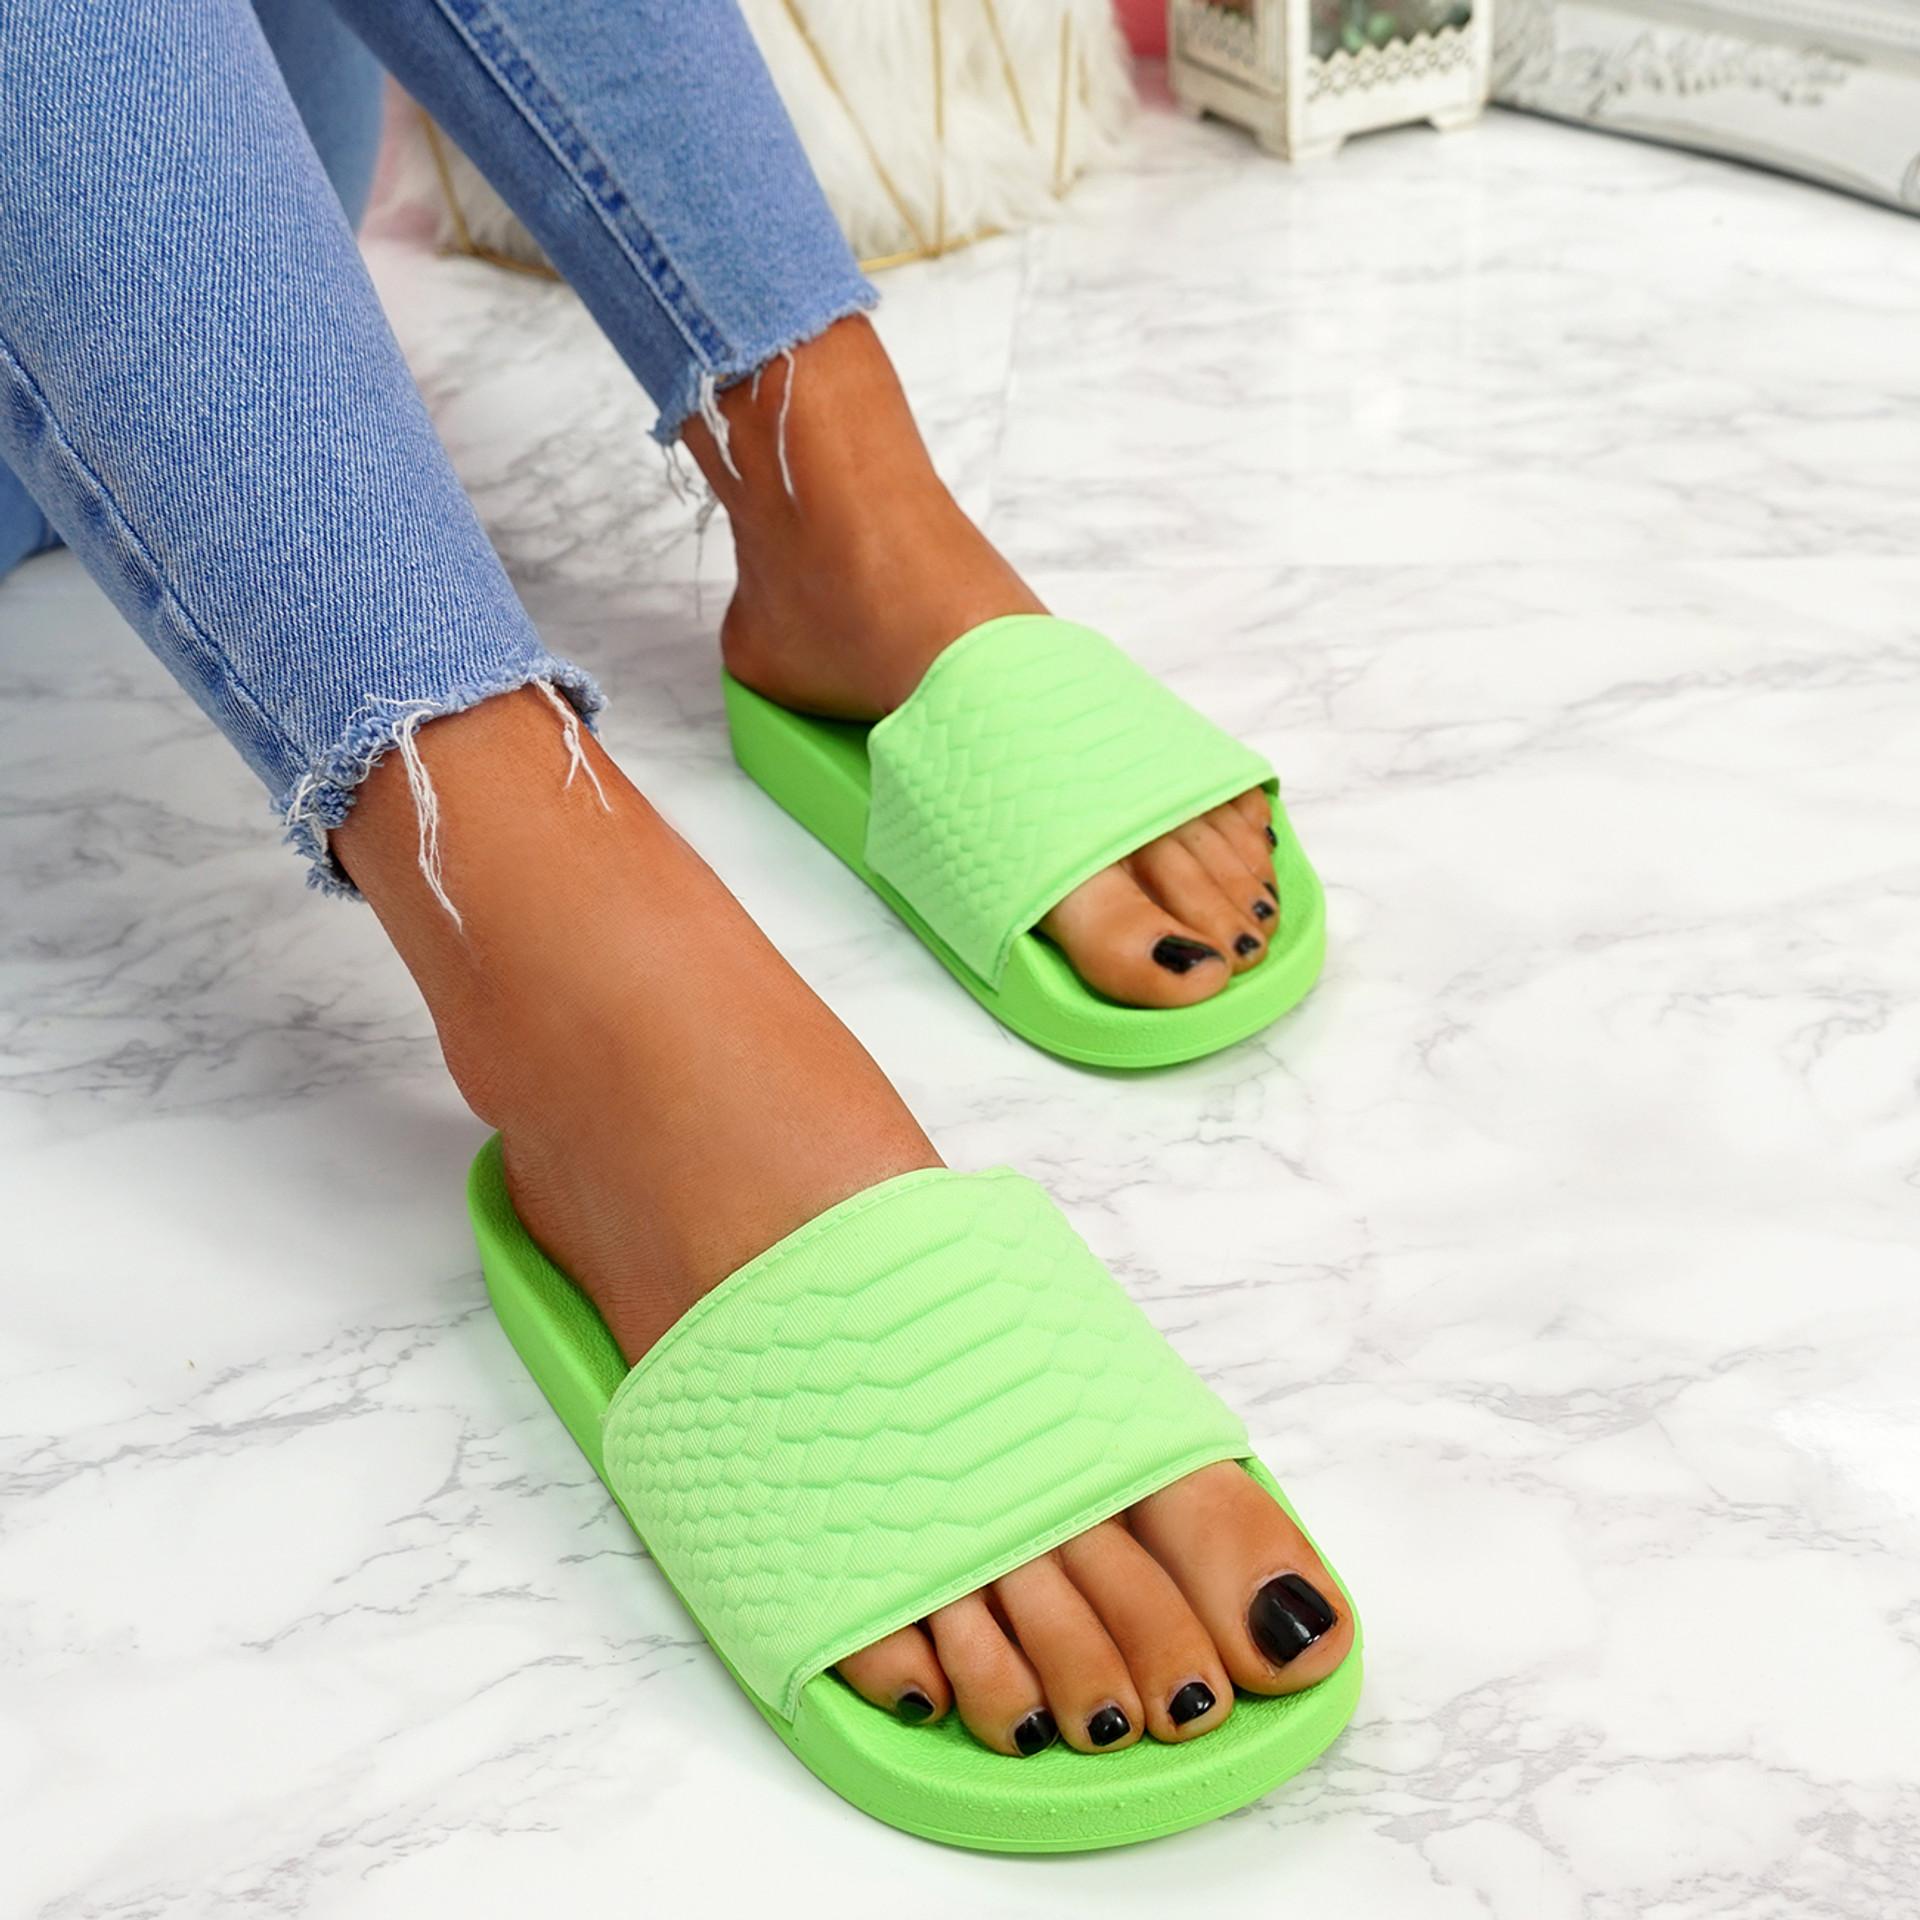 Eka Fluorescent Green Flat Sandals